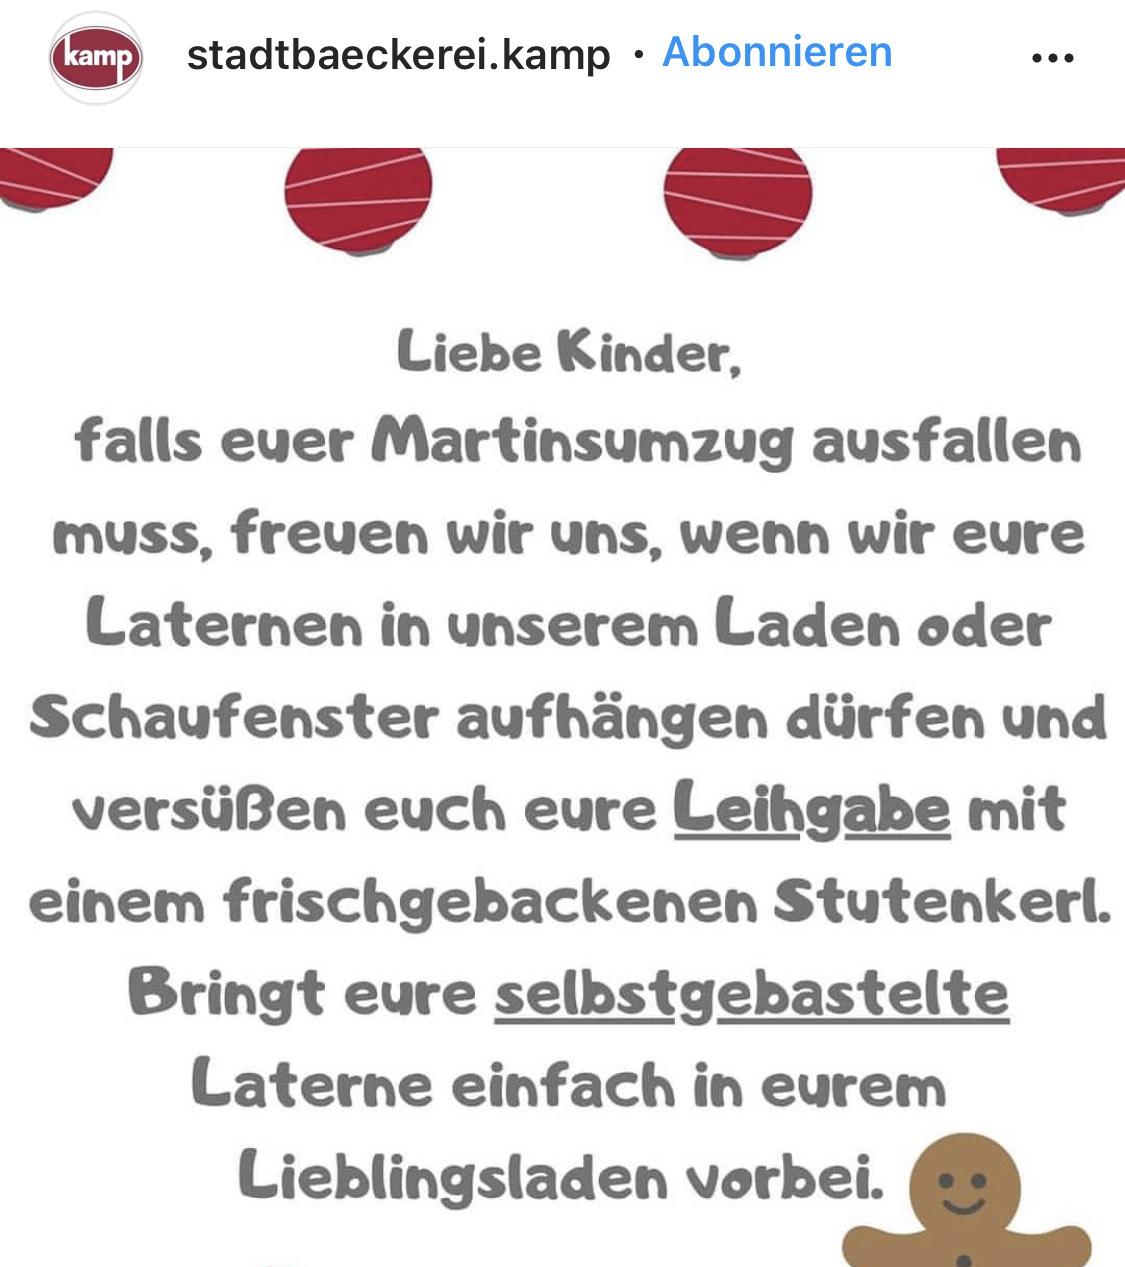 [Lokal Hagen Westfalen] Stadtbäckerei Kamp verschenkt Stutenkerl bzw Weckmann bei Leihgabe einer Martinslaterne [Gratis]